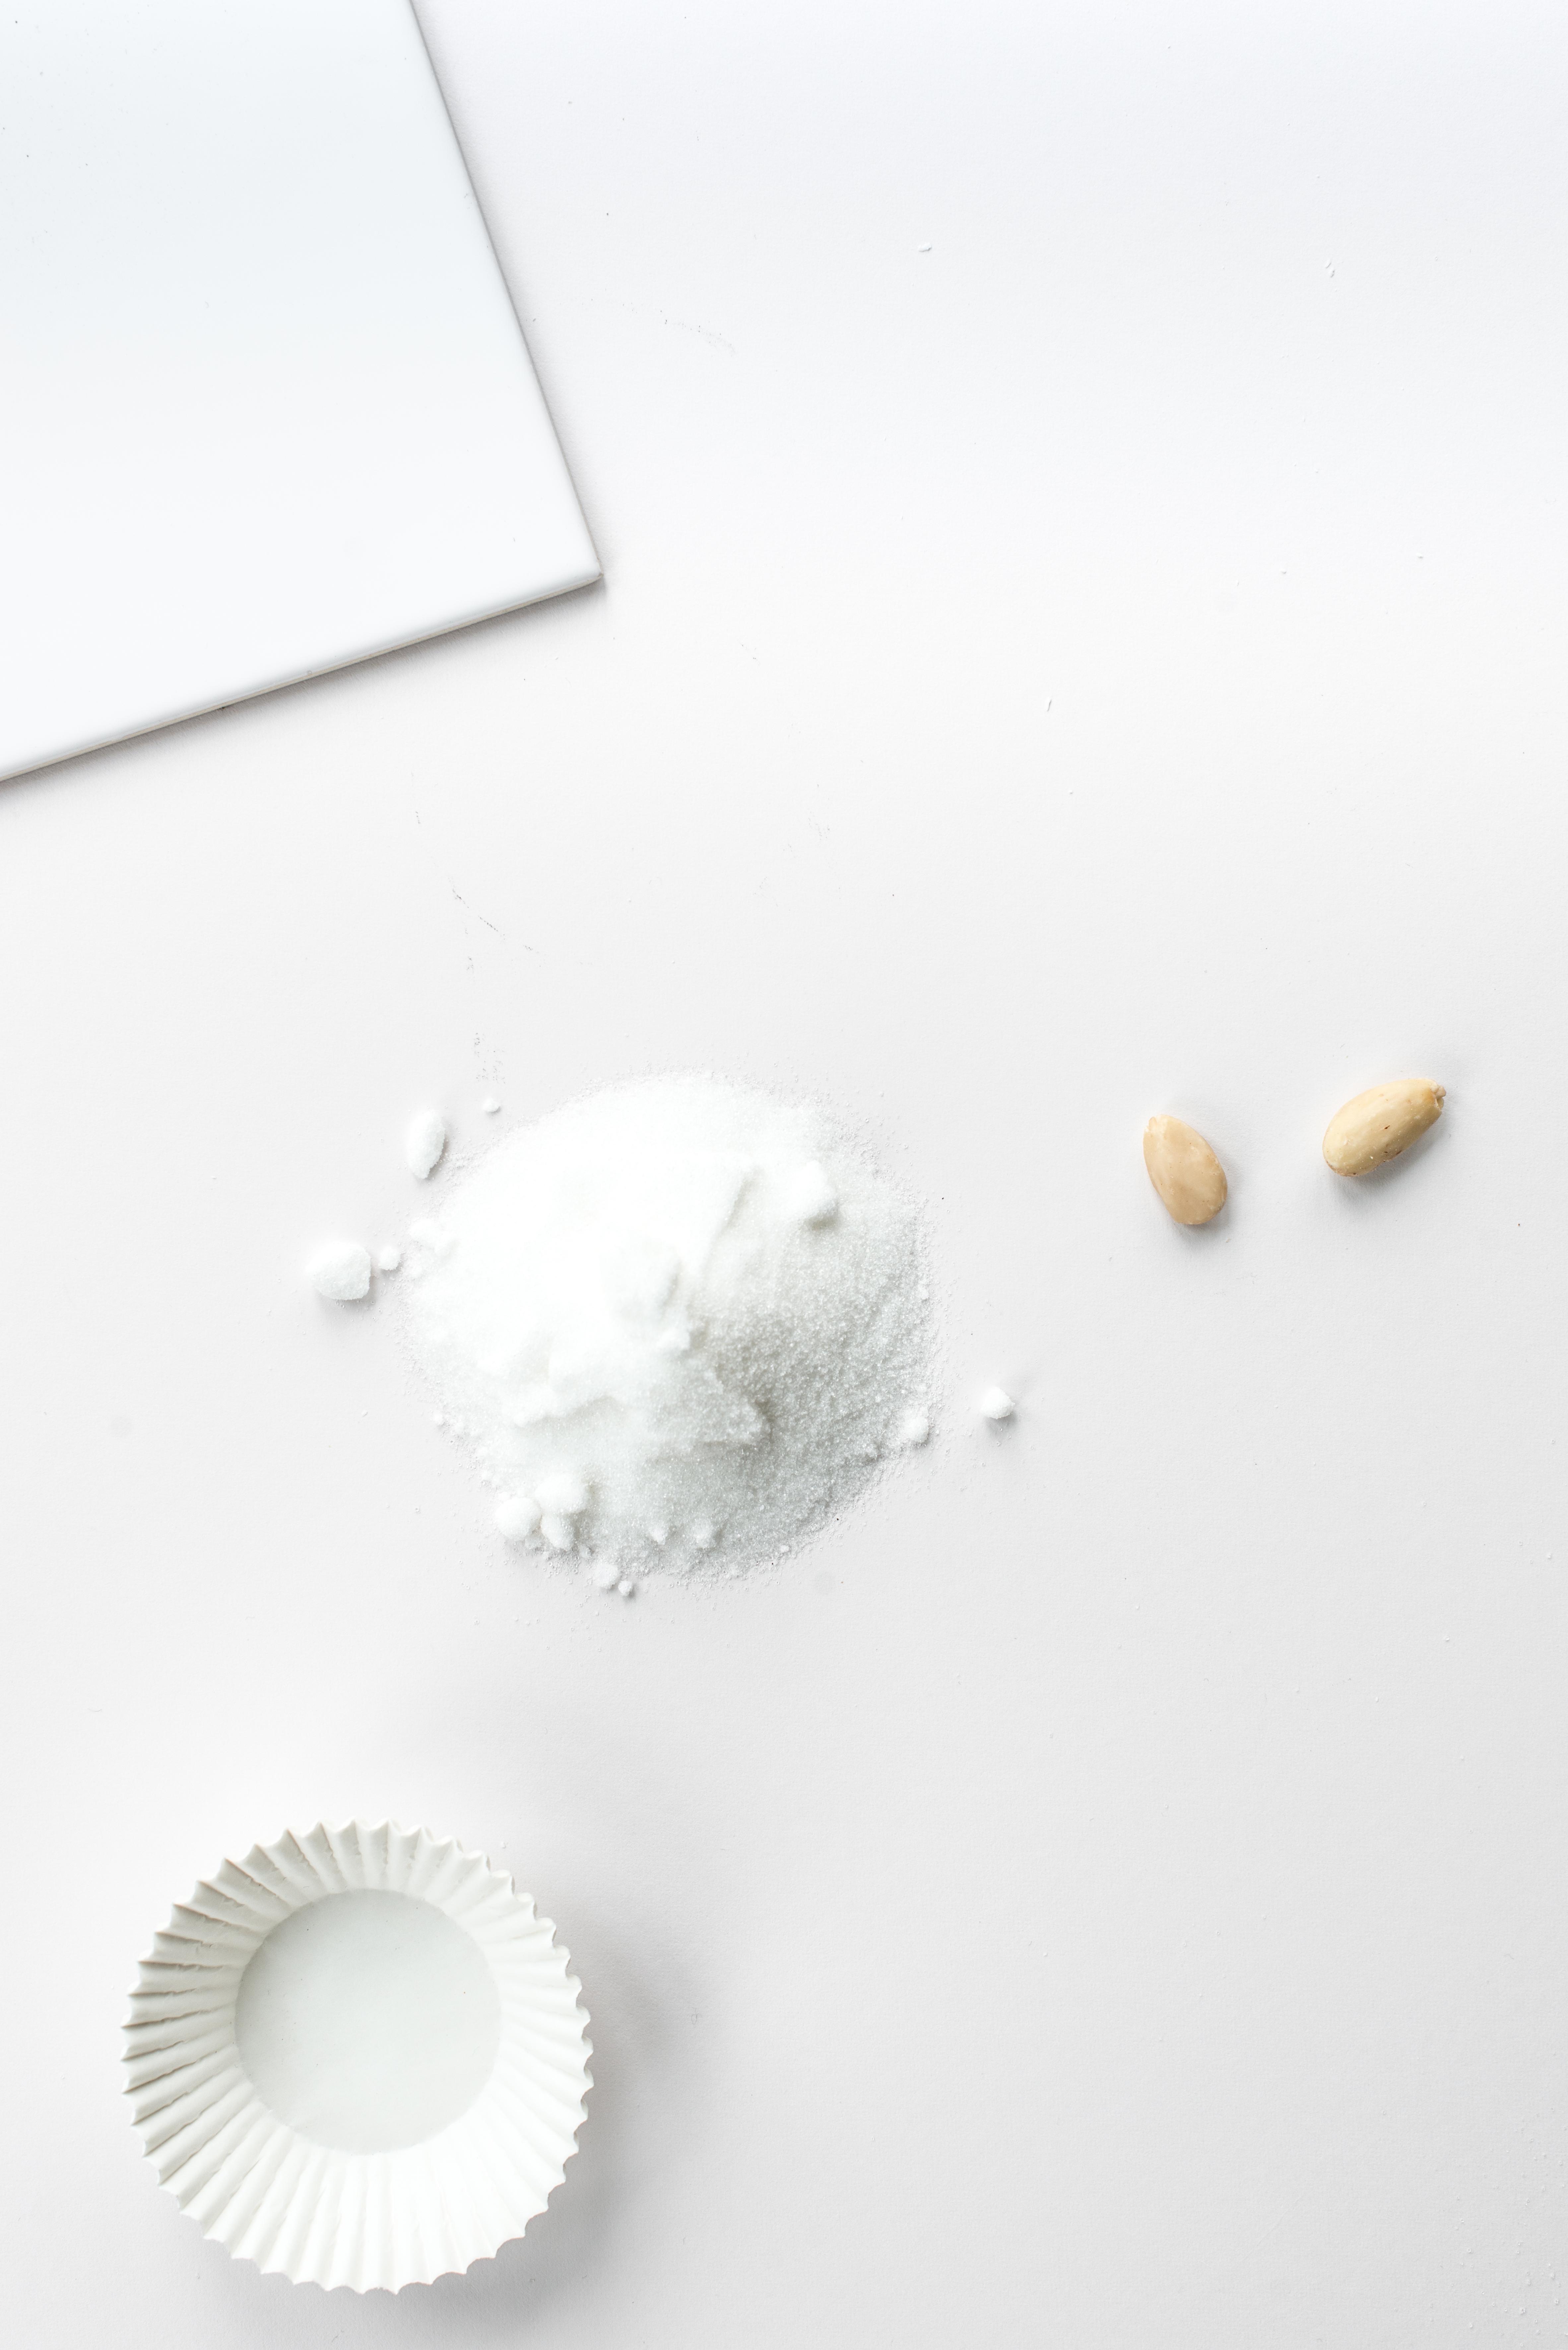 Karuna Clayton Photography | Creative - White on White